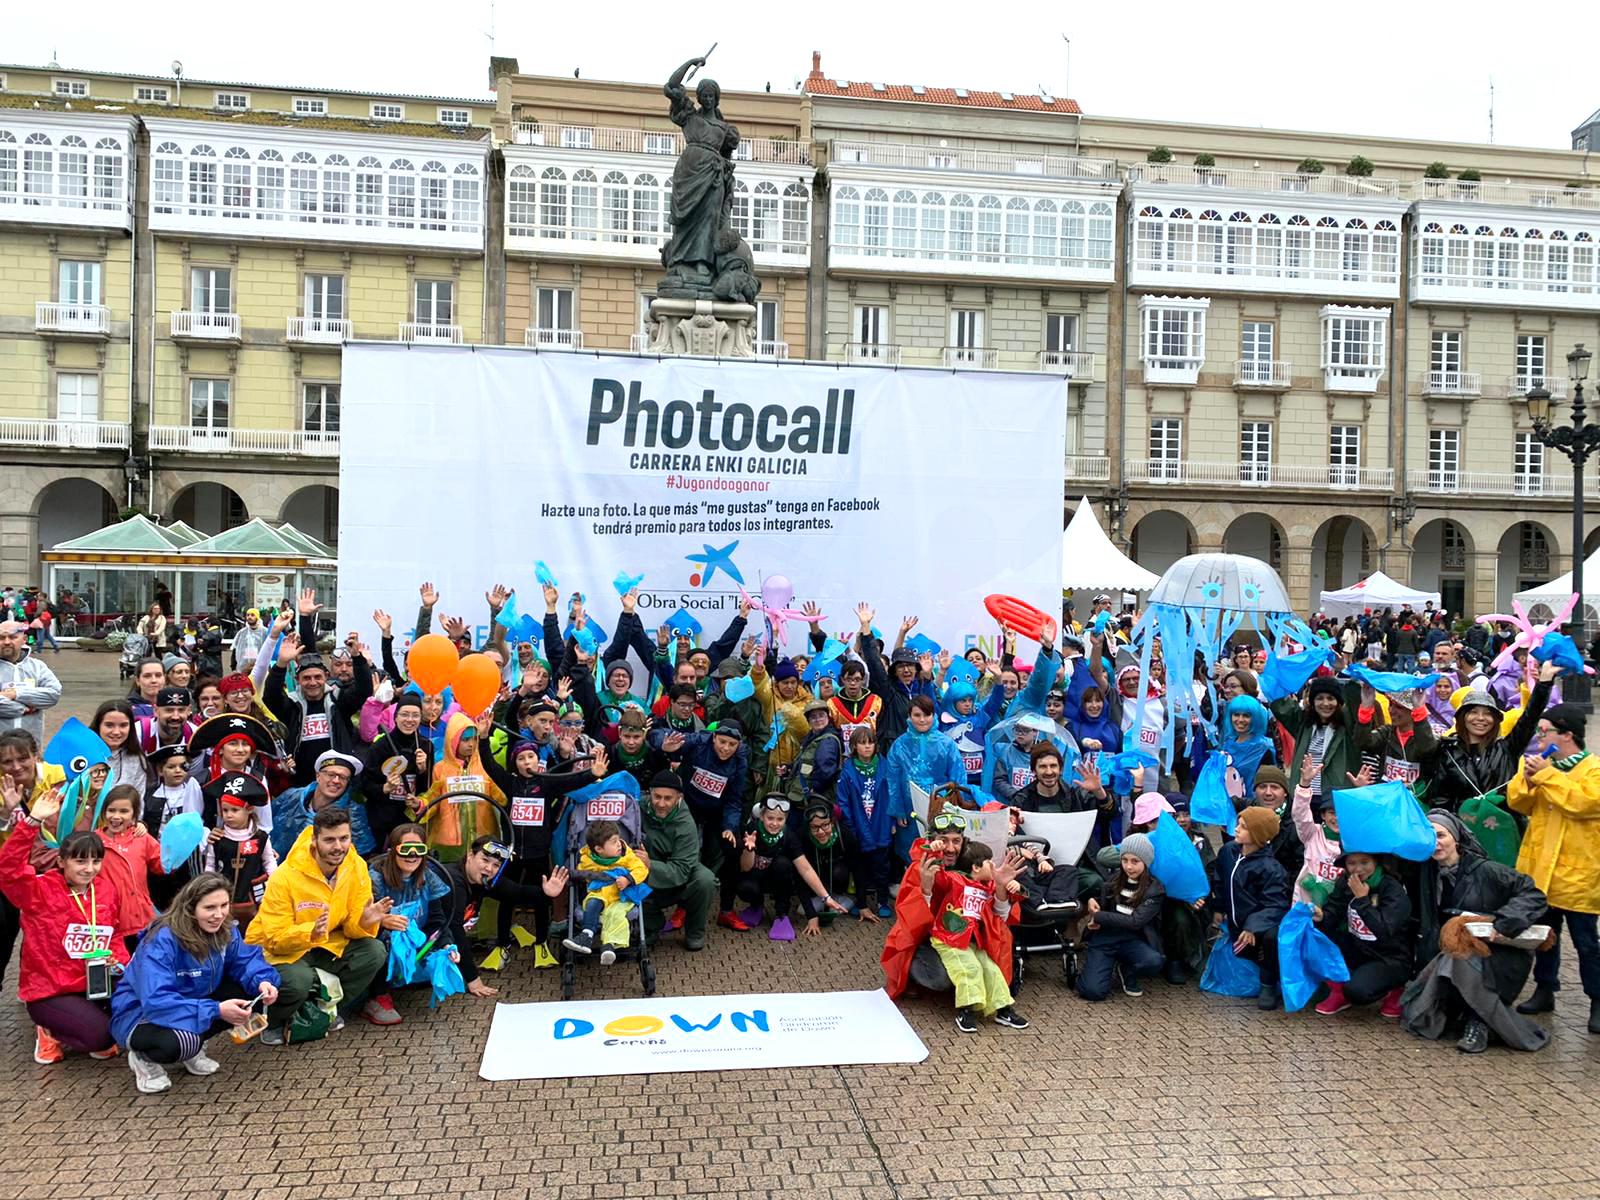 Down Coruña carrera ENKI 2019